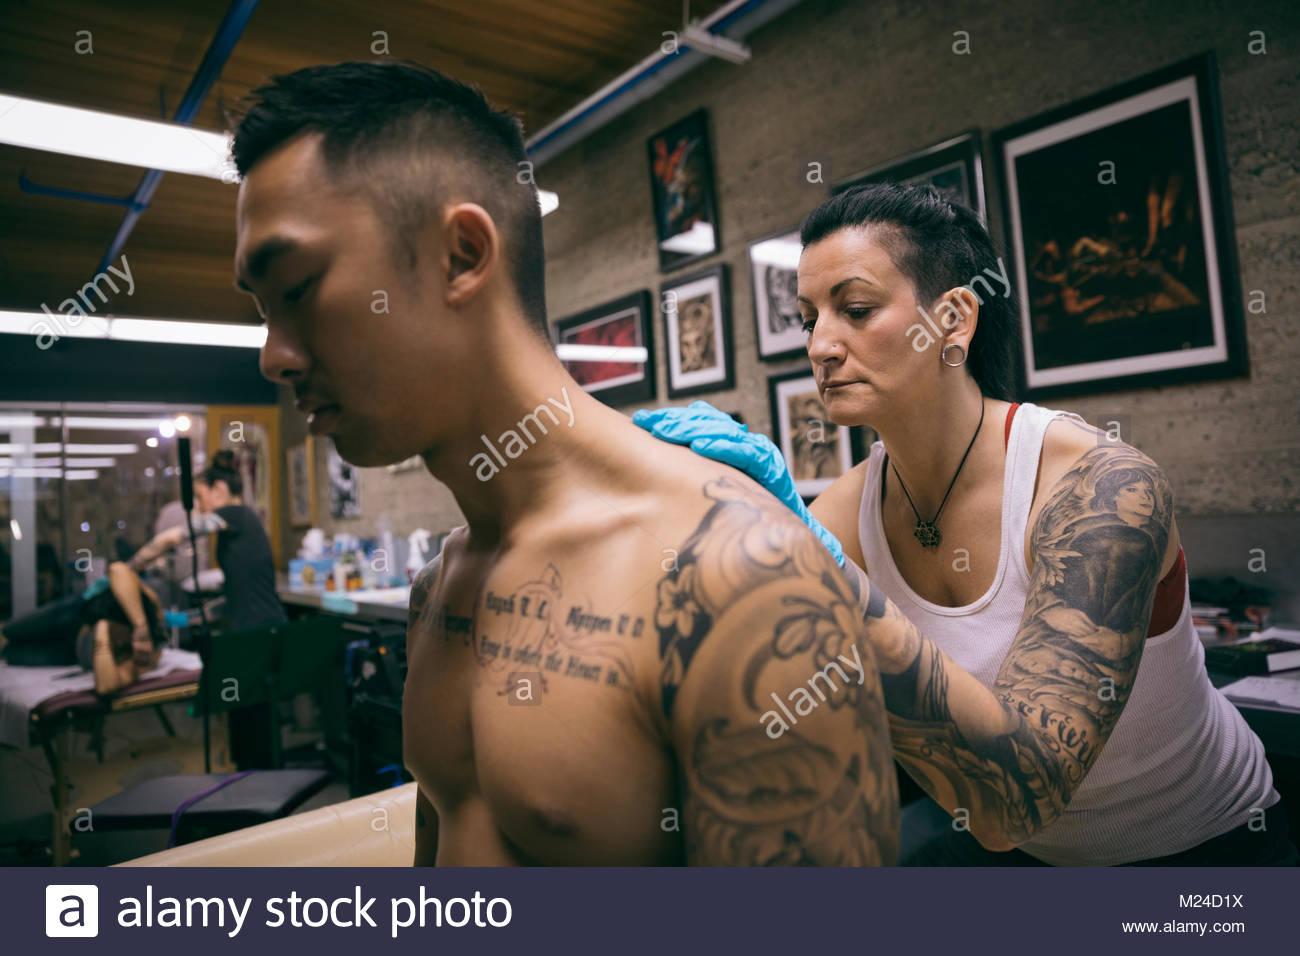 Tattoo Künstler Rücken tätowieren von Client in tattoo studio Stockbild